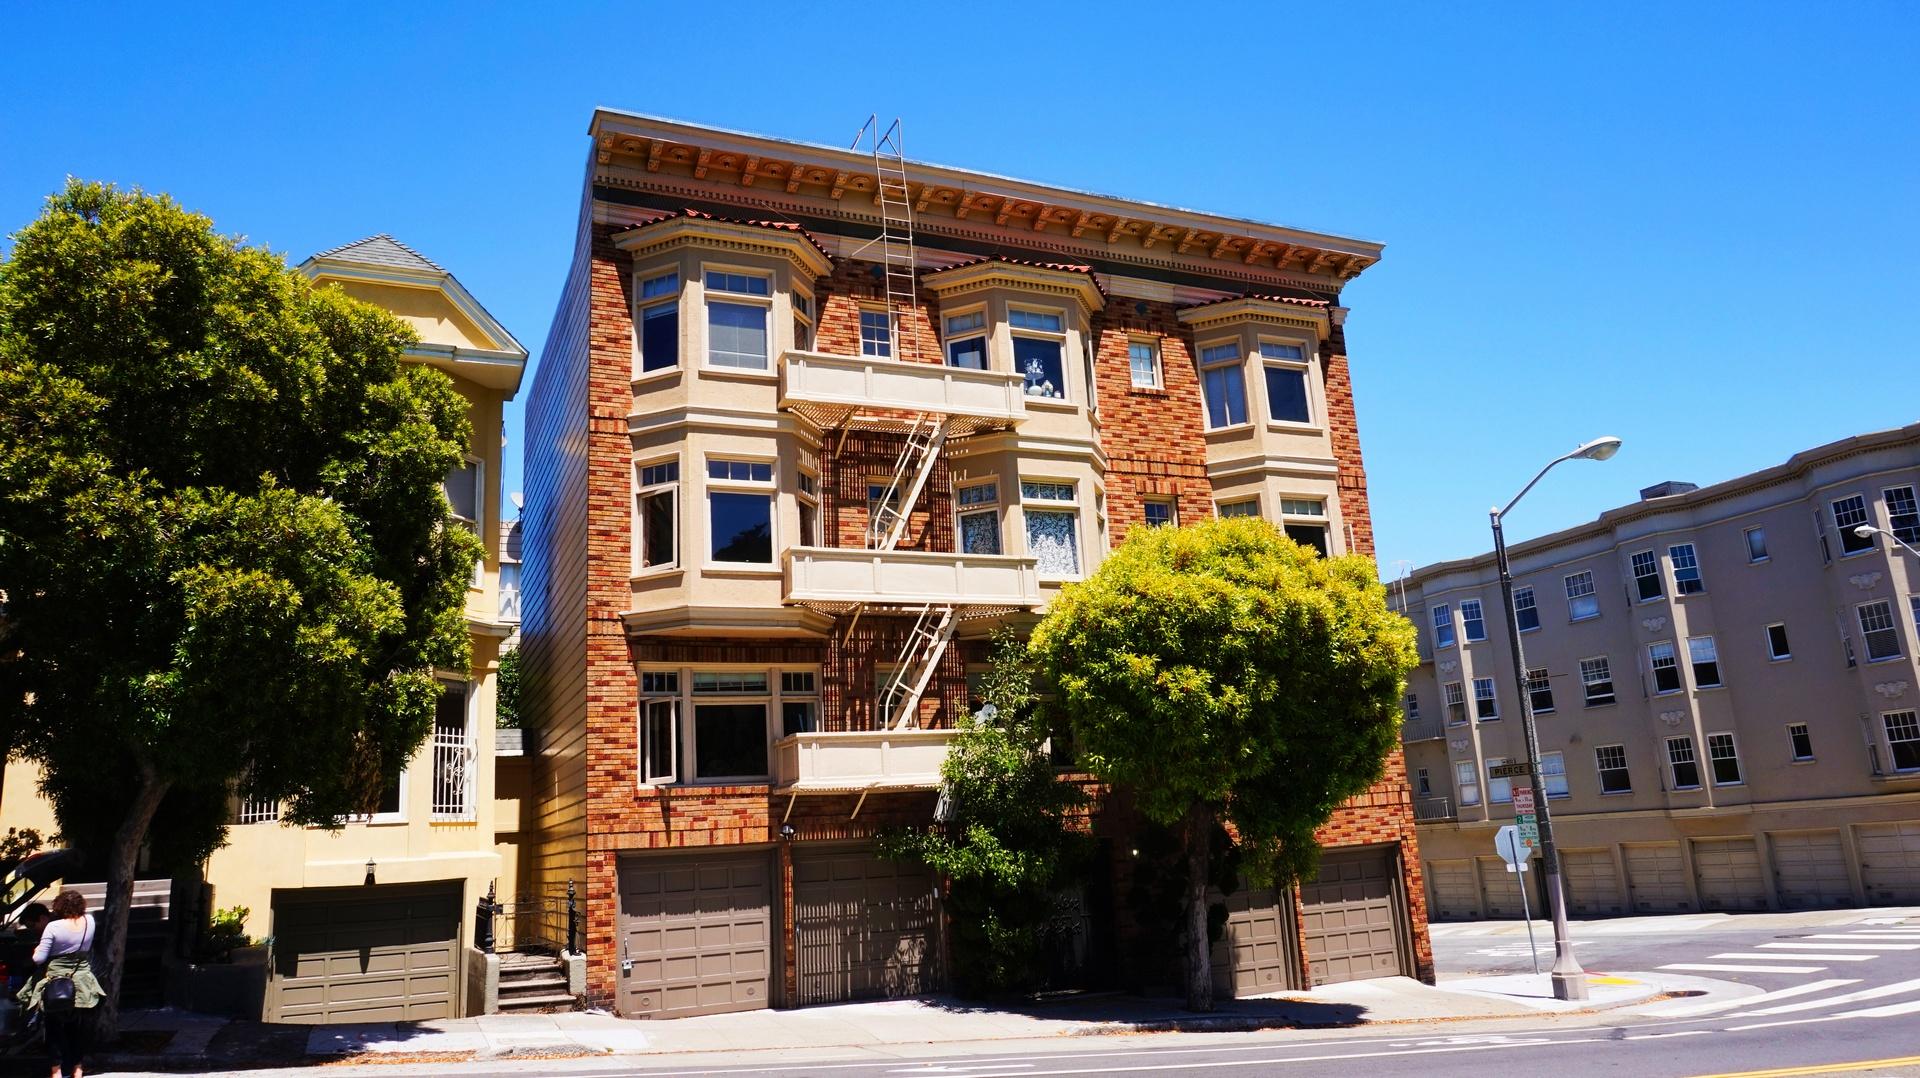 Zejście ewakuacyjne z dachu w San Francisco, USA | Sway the way